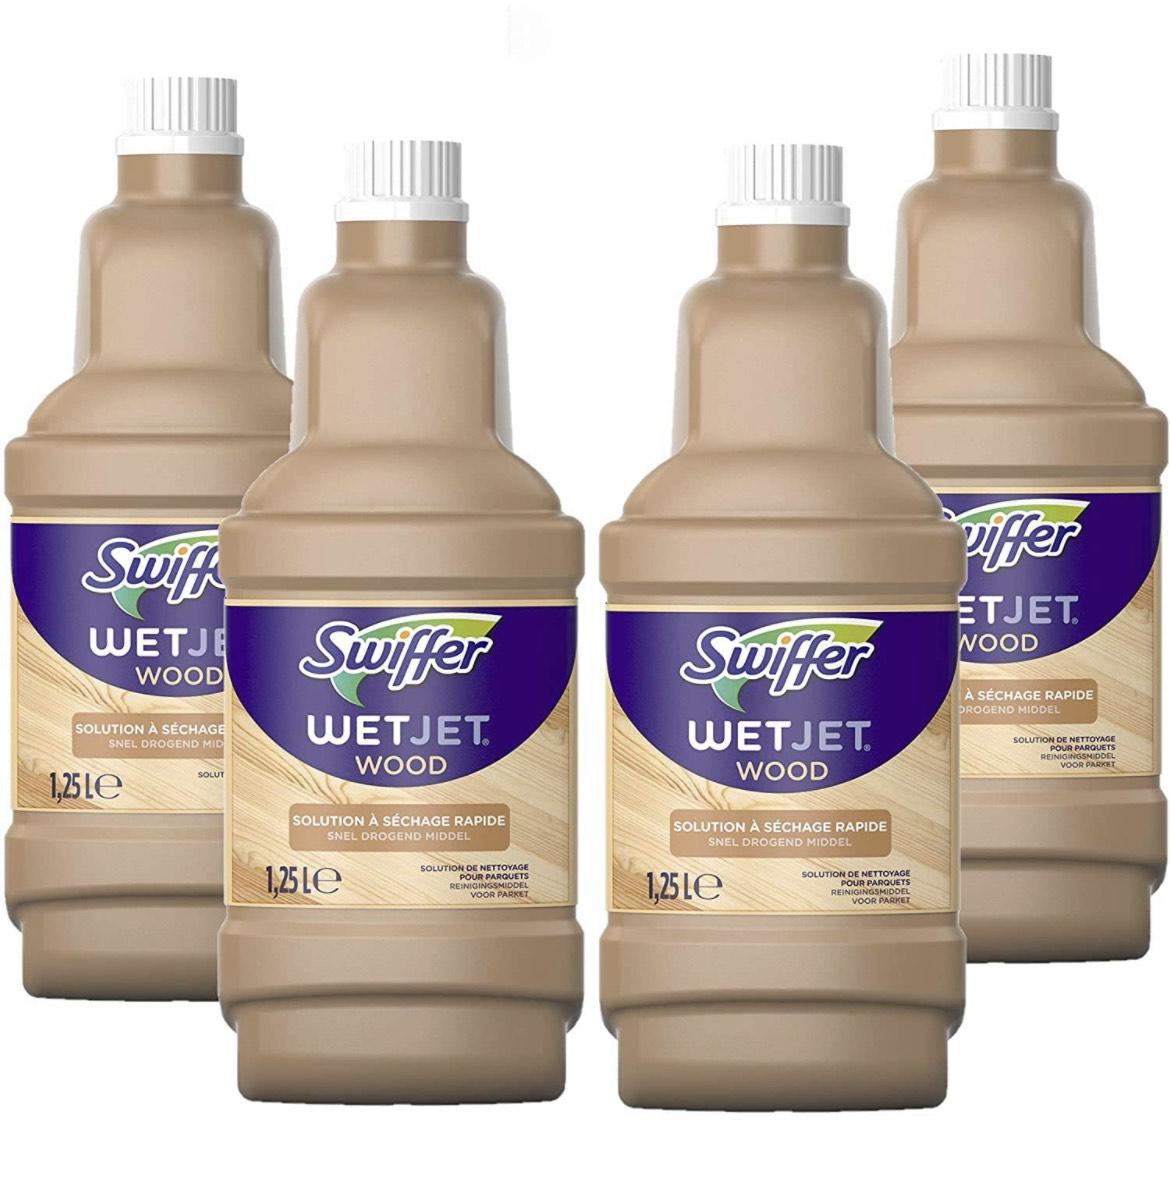 Nettoyant Sol pour Balai Spray Swiffer WetJet Wood - Pour les sols en bois fini, 5 L (Via abonnement résiliable)